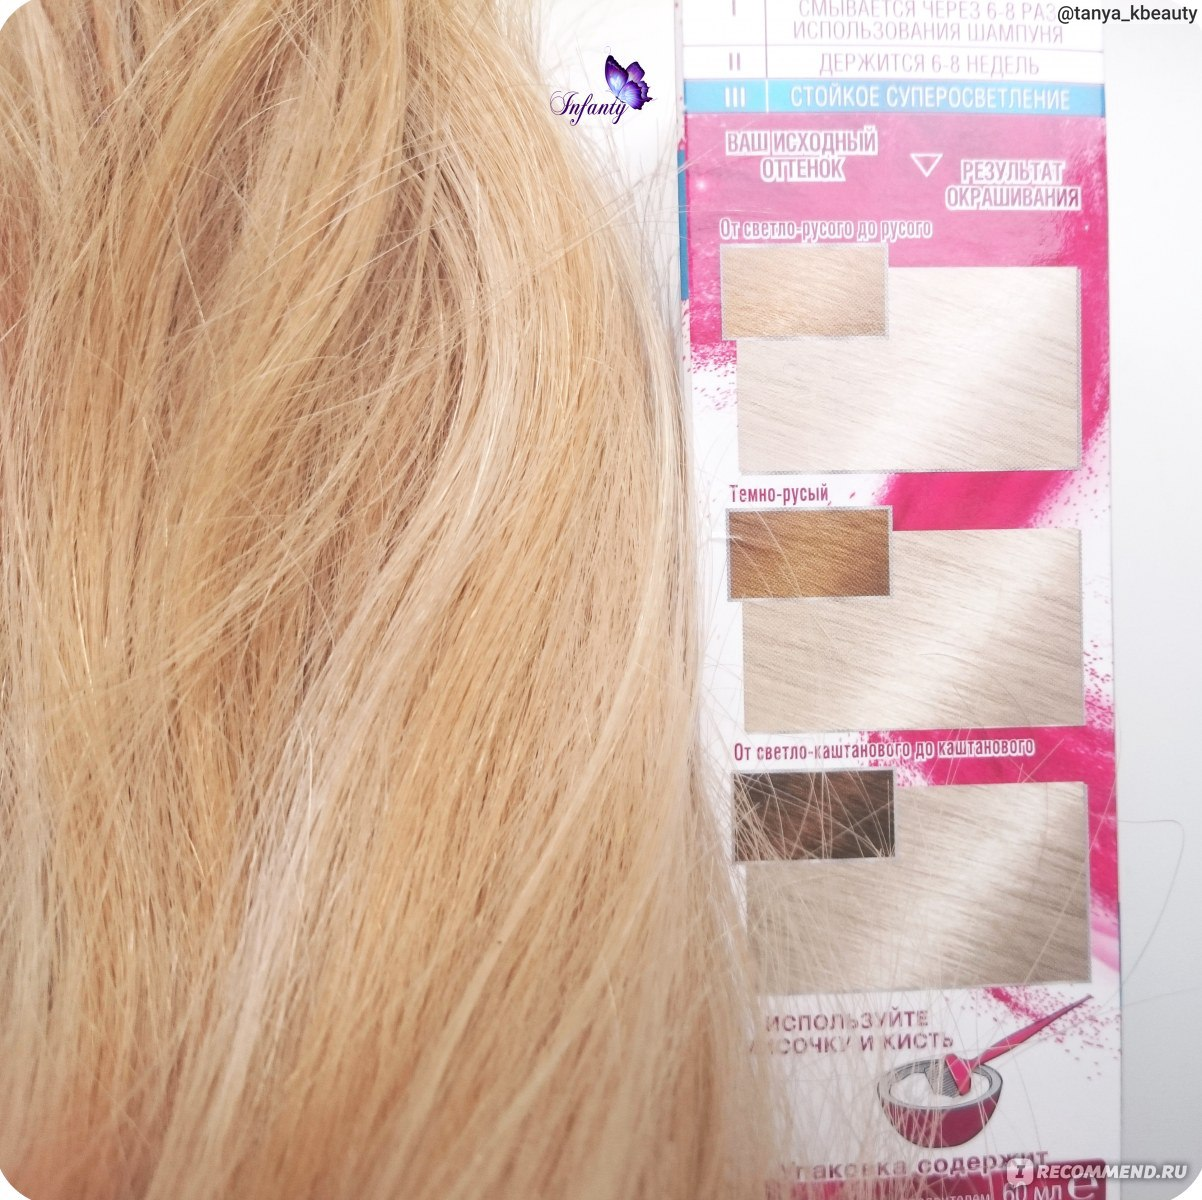 Блендер для осветления волос